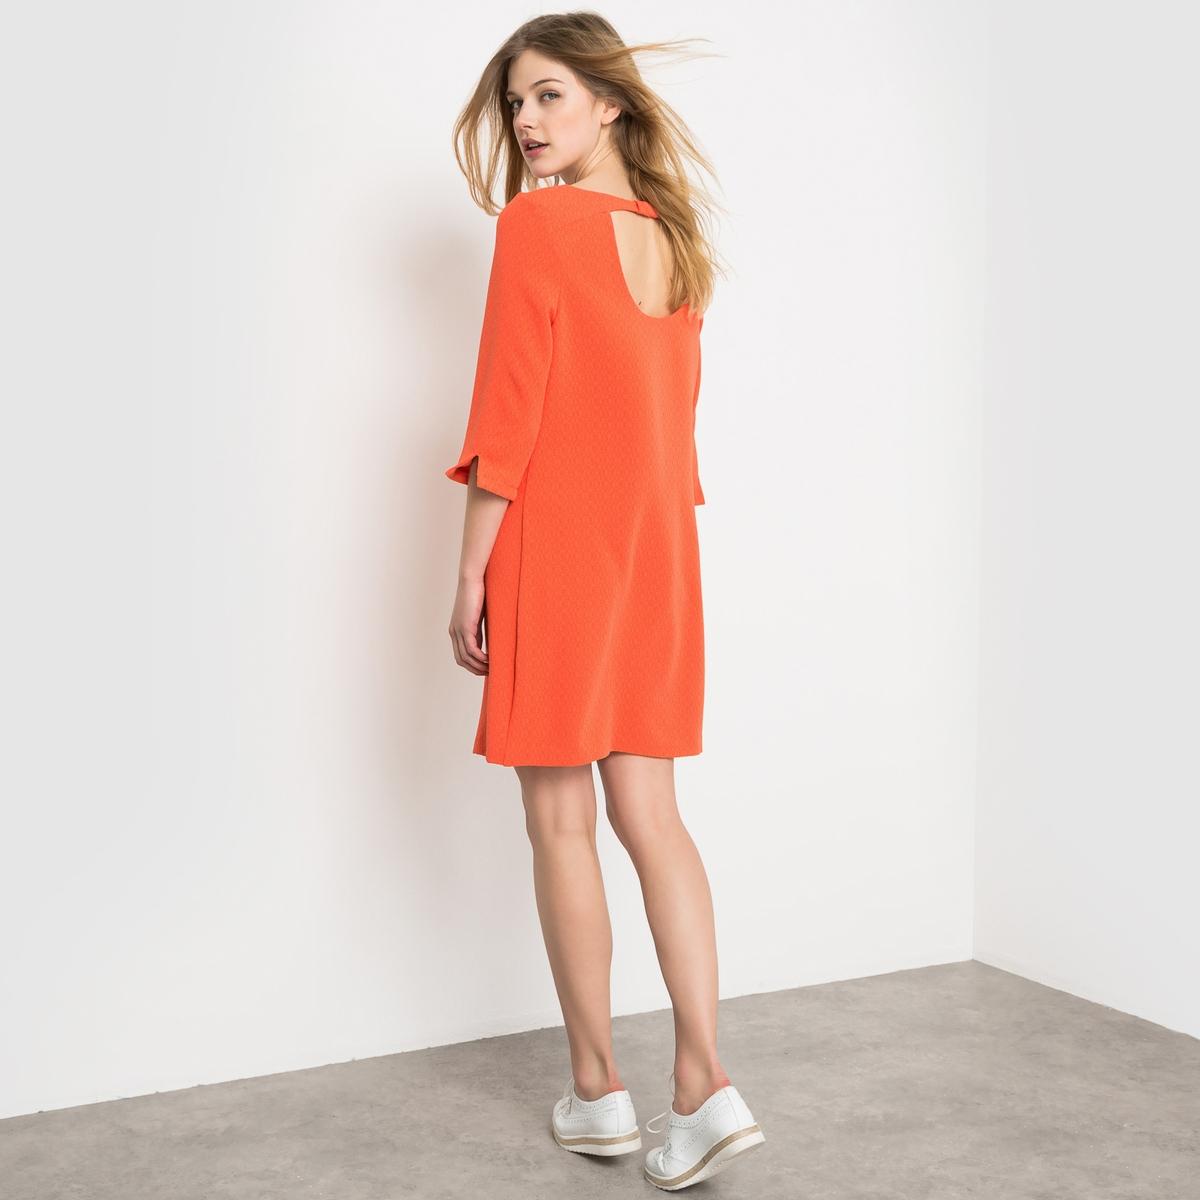 ПлатьеПлатье с рукавами 3/4. Прямой покрой, закругленный вырез. Сверкающие цвета оранжевых оттенков. Состав и описаниеМатериал : 78% полиэстера, 19% вискозы, 3% эластанаДлина :  90 смМарка : LES PETITS PRIX.<br><br>Цвет: оранжевый<br>Размер: 44 (FR) - 50 (RUS)